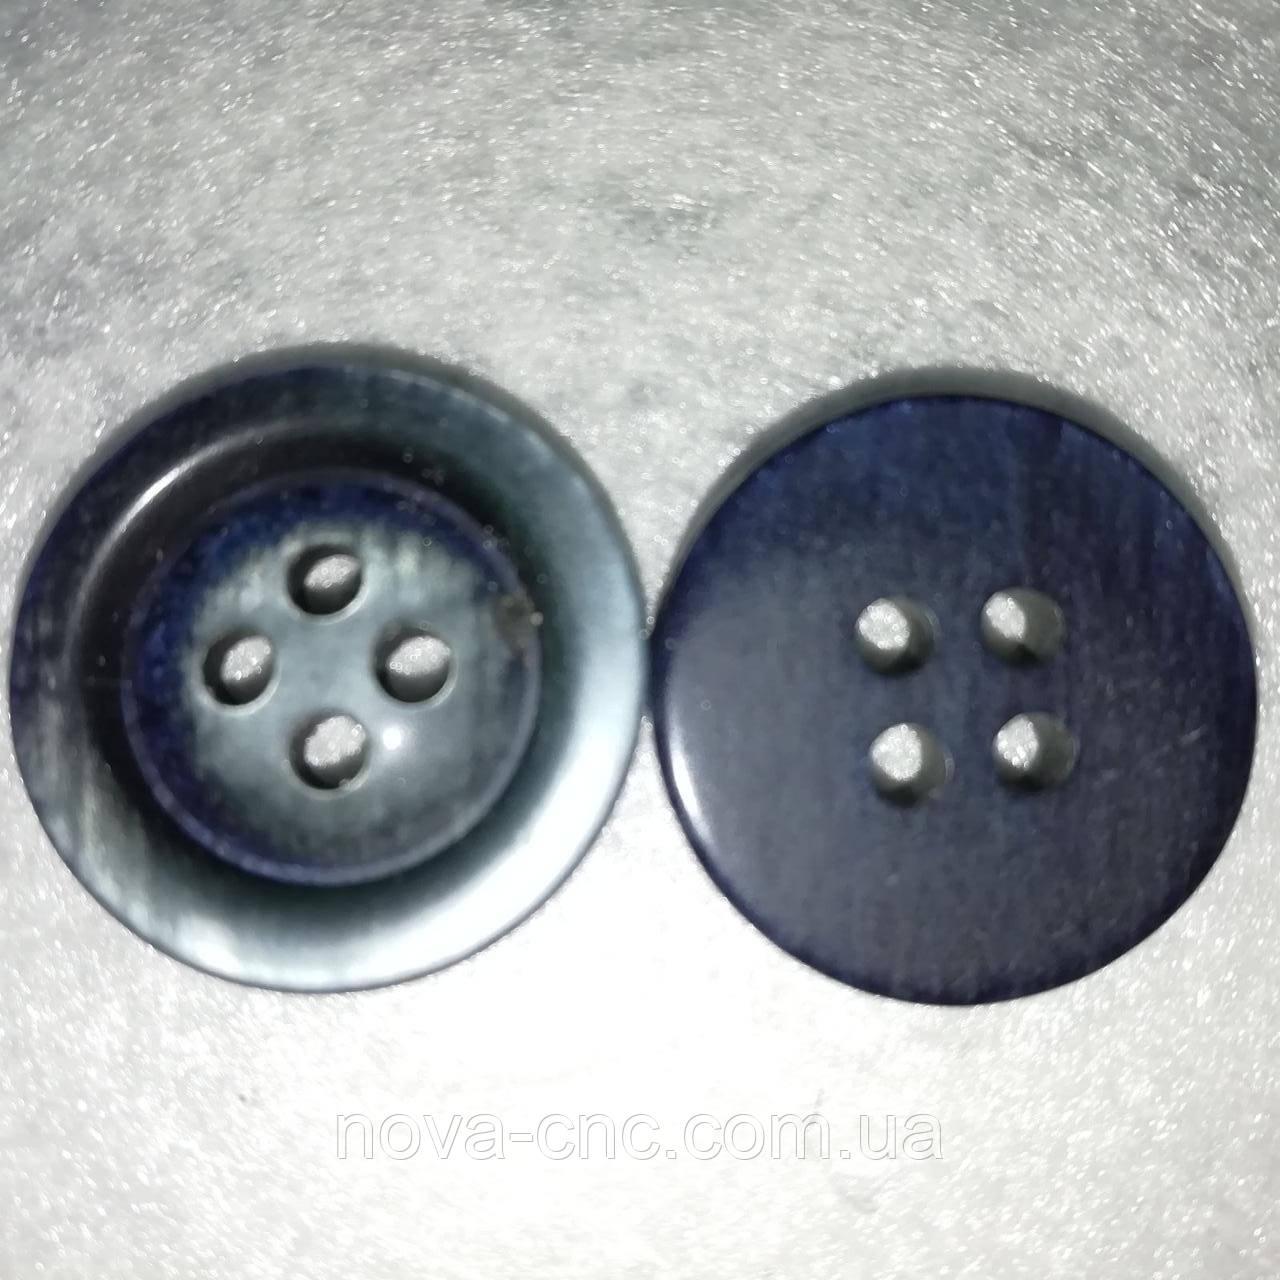 Пуговицы  пластмассовые 22 мм Цвет синий с переливом Упаковка 500 штук